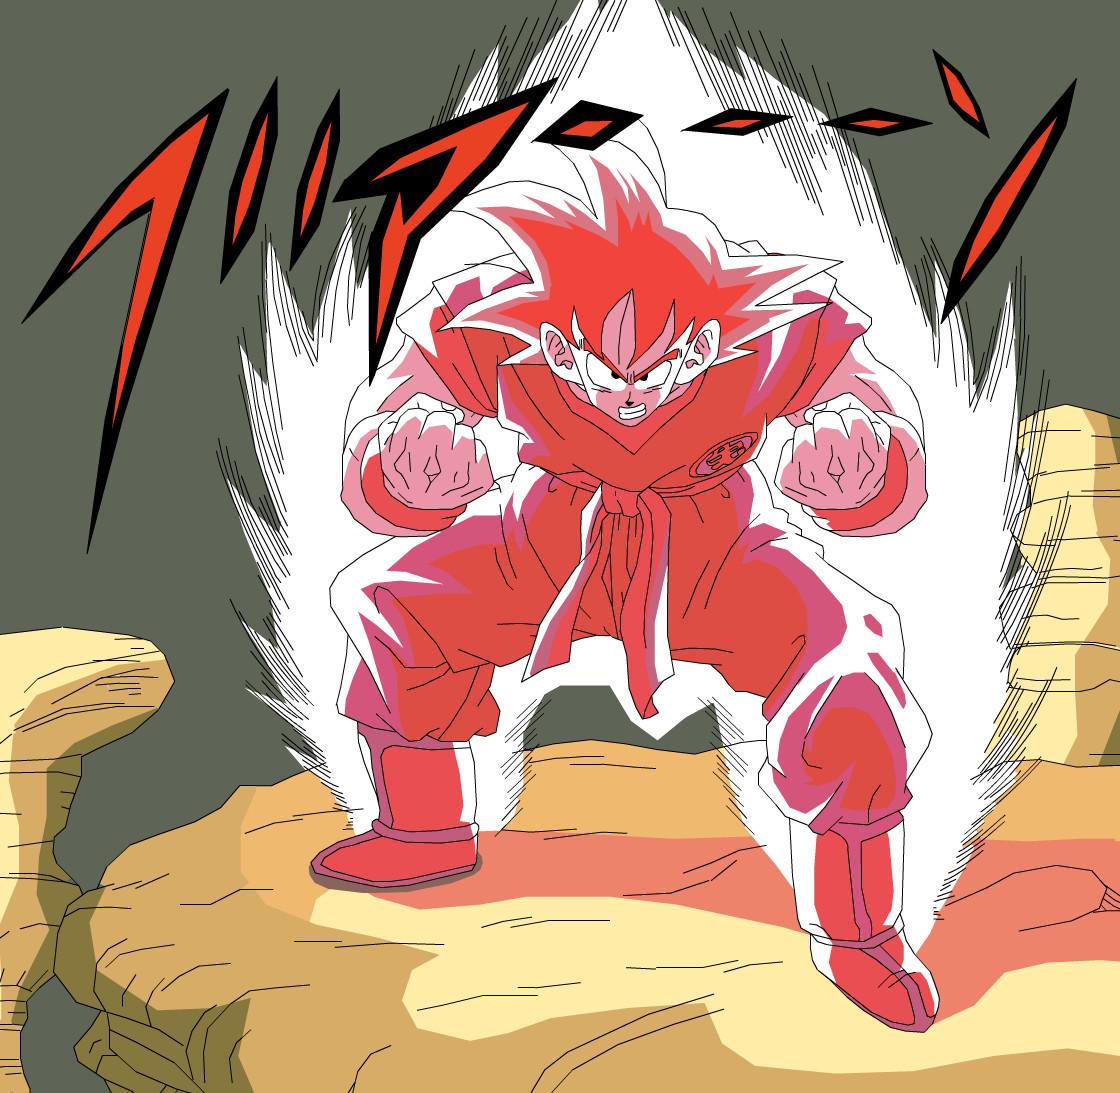 Las transformaciones de Goku Goku_Kaio_ken_by_eggmanrules